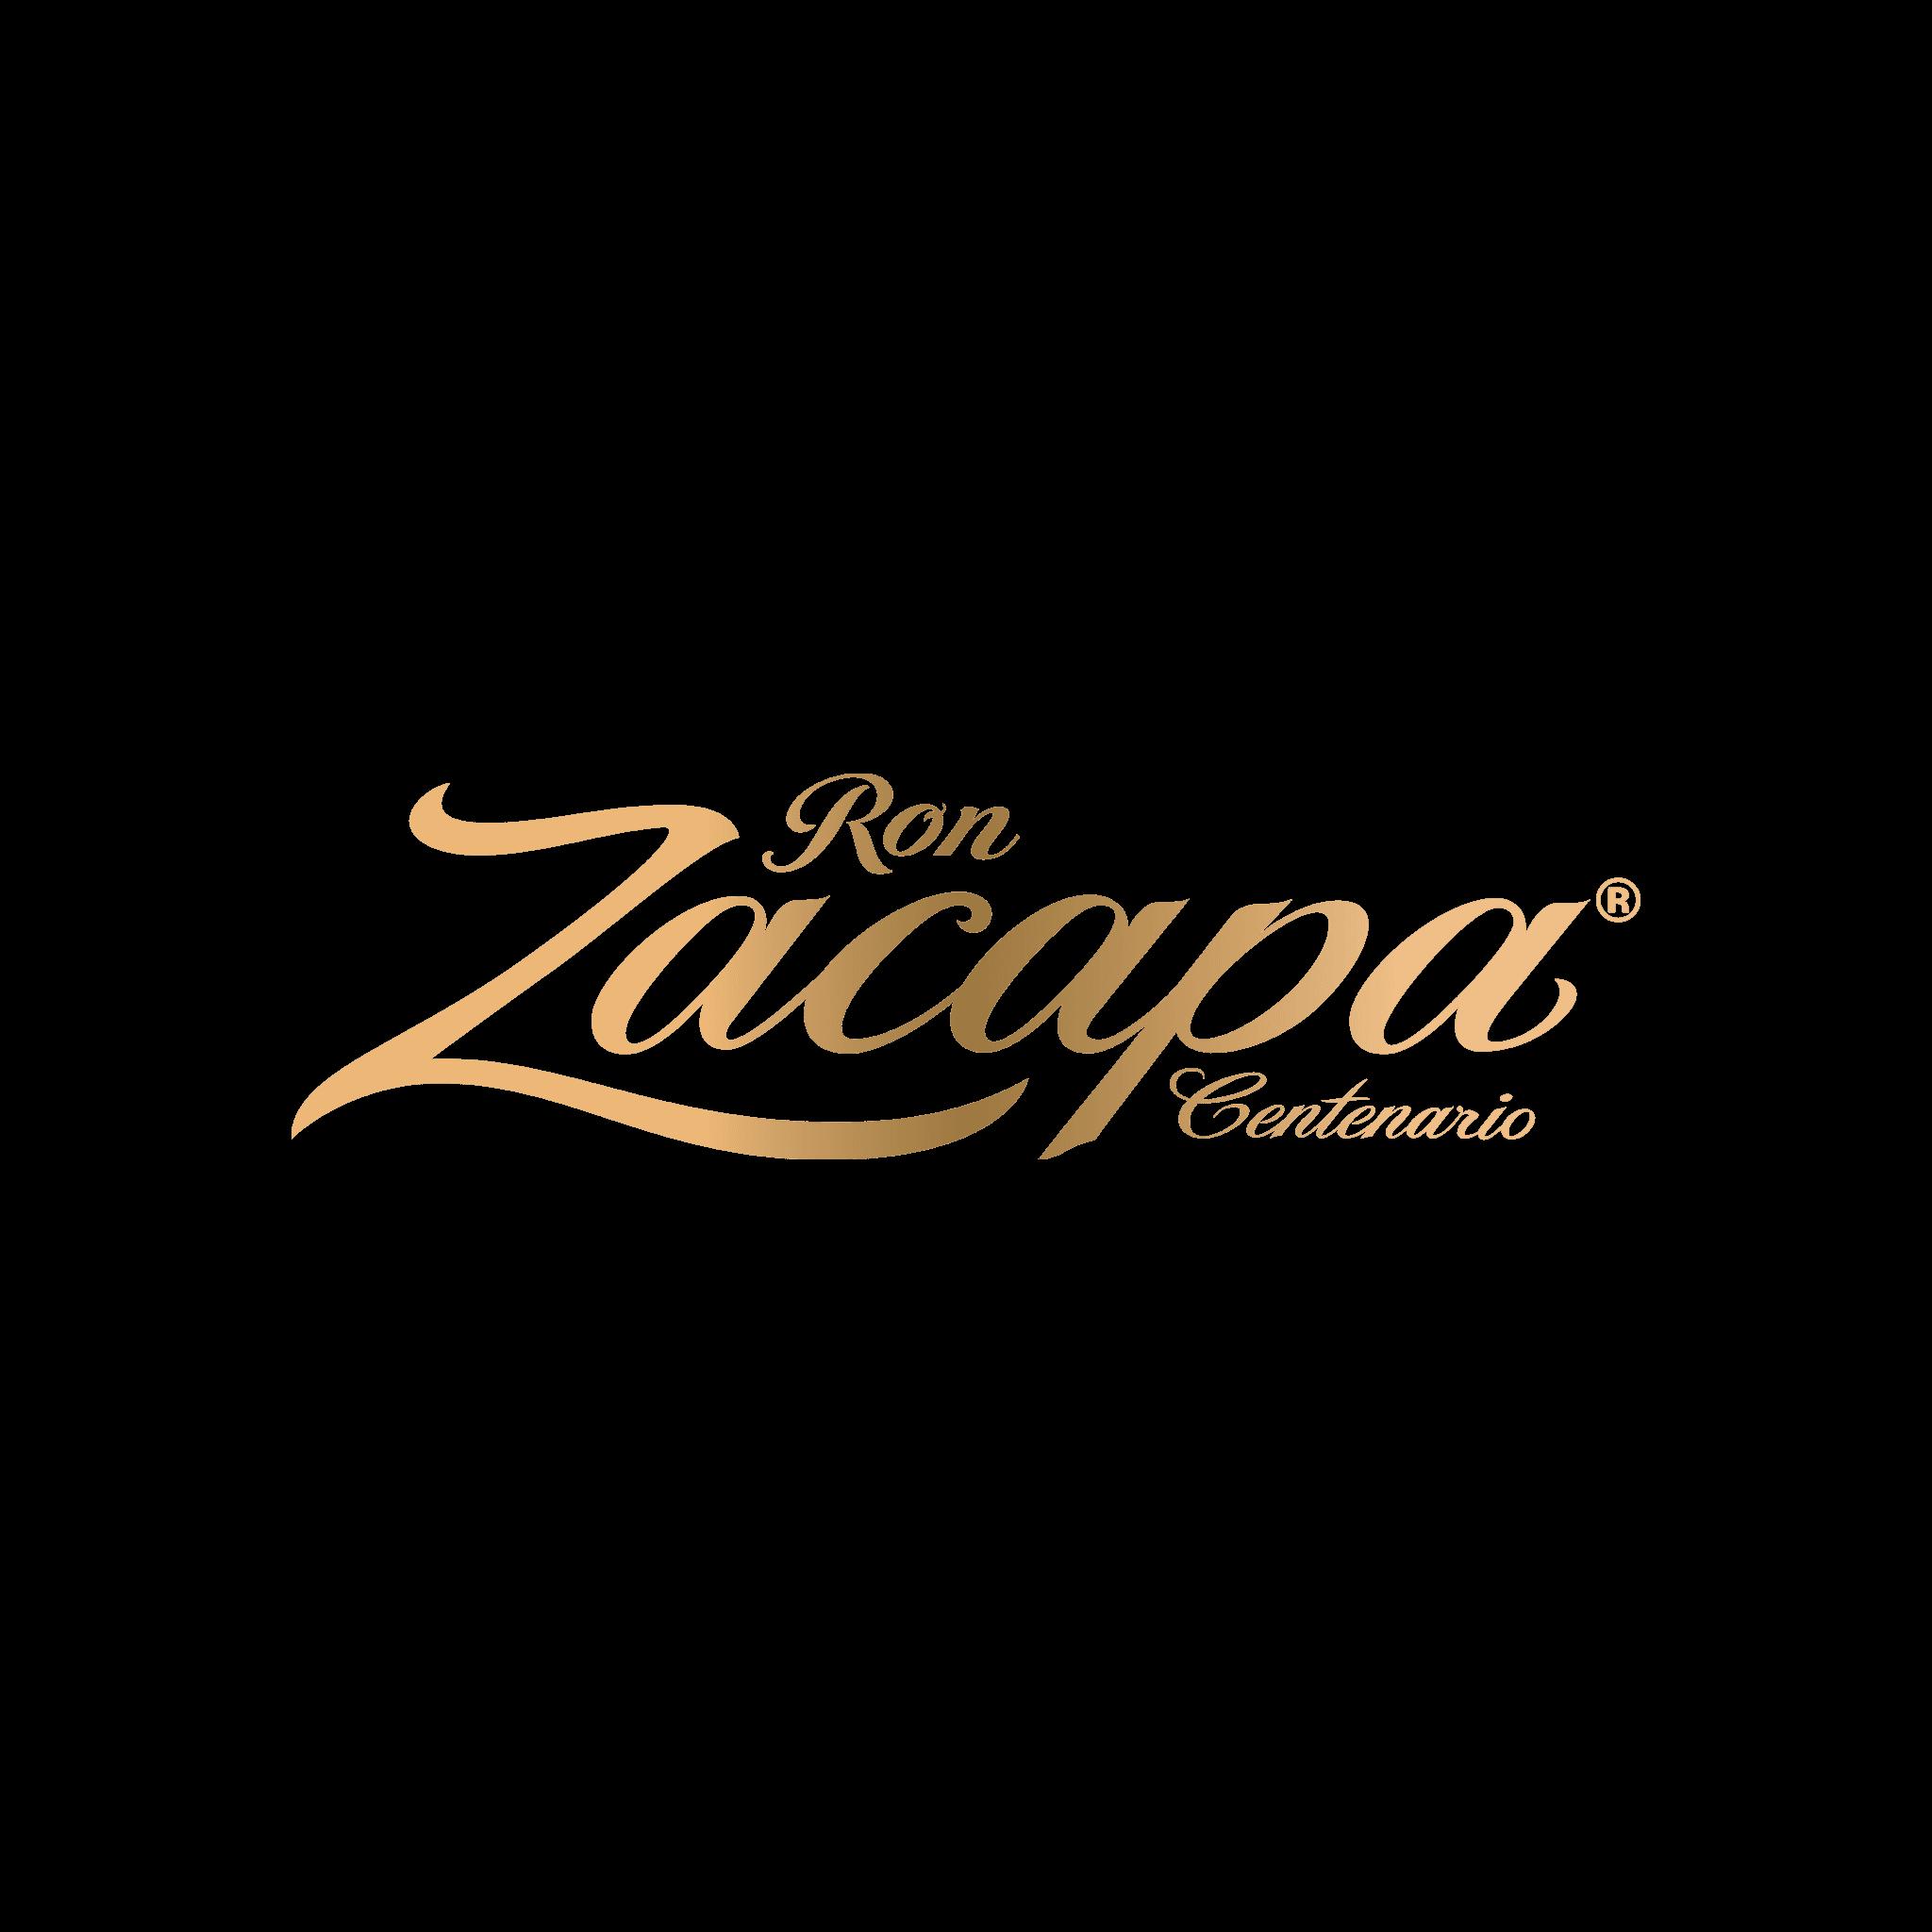 Logo de la marque concernant au produit Zacapa Solera 23